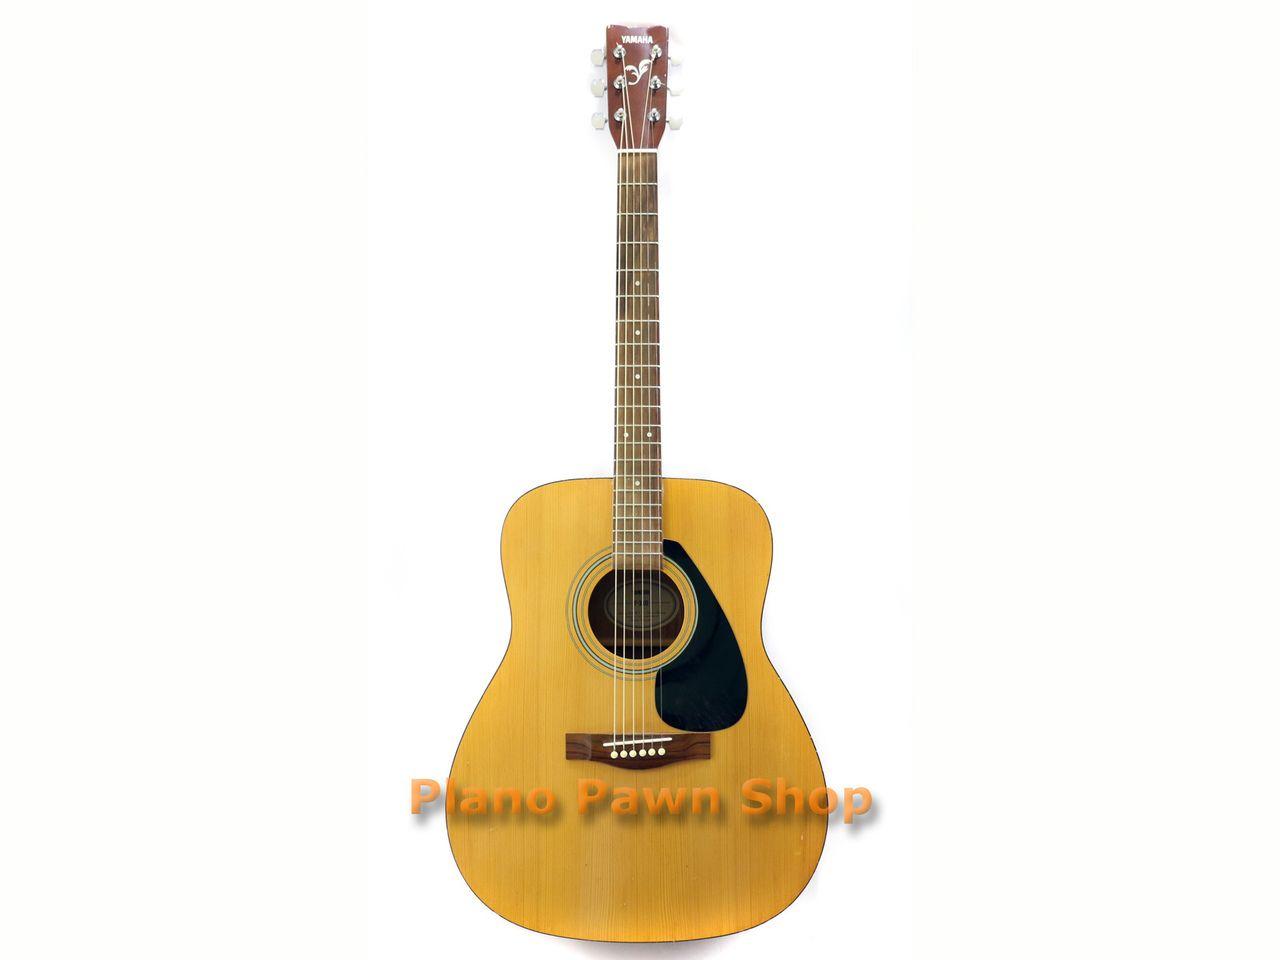 Yamaha Model F310 Beginner Acoustic Guitar Guitar Acoustic Guitar Acoustic